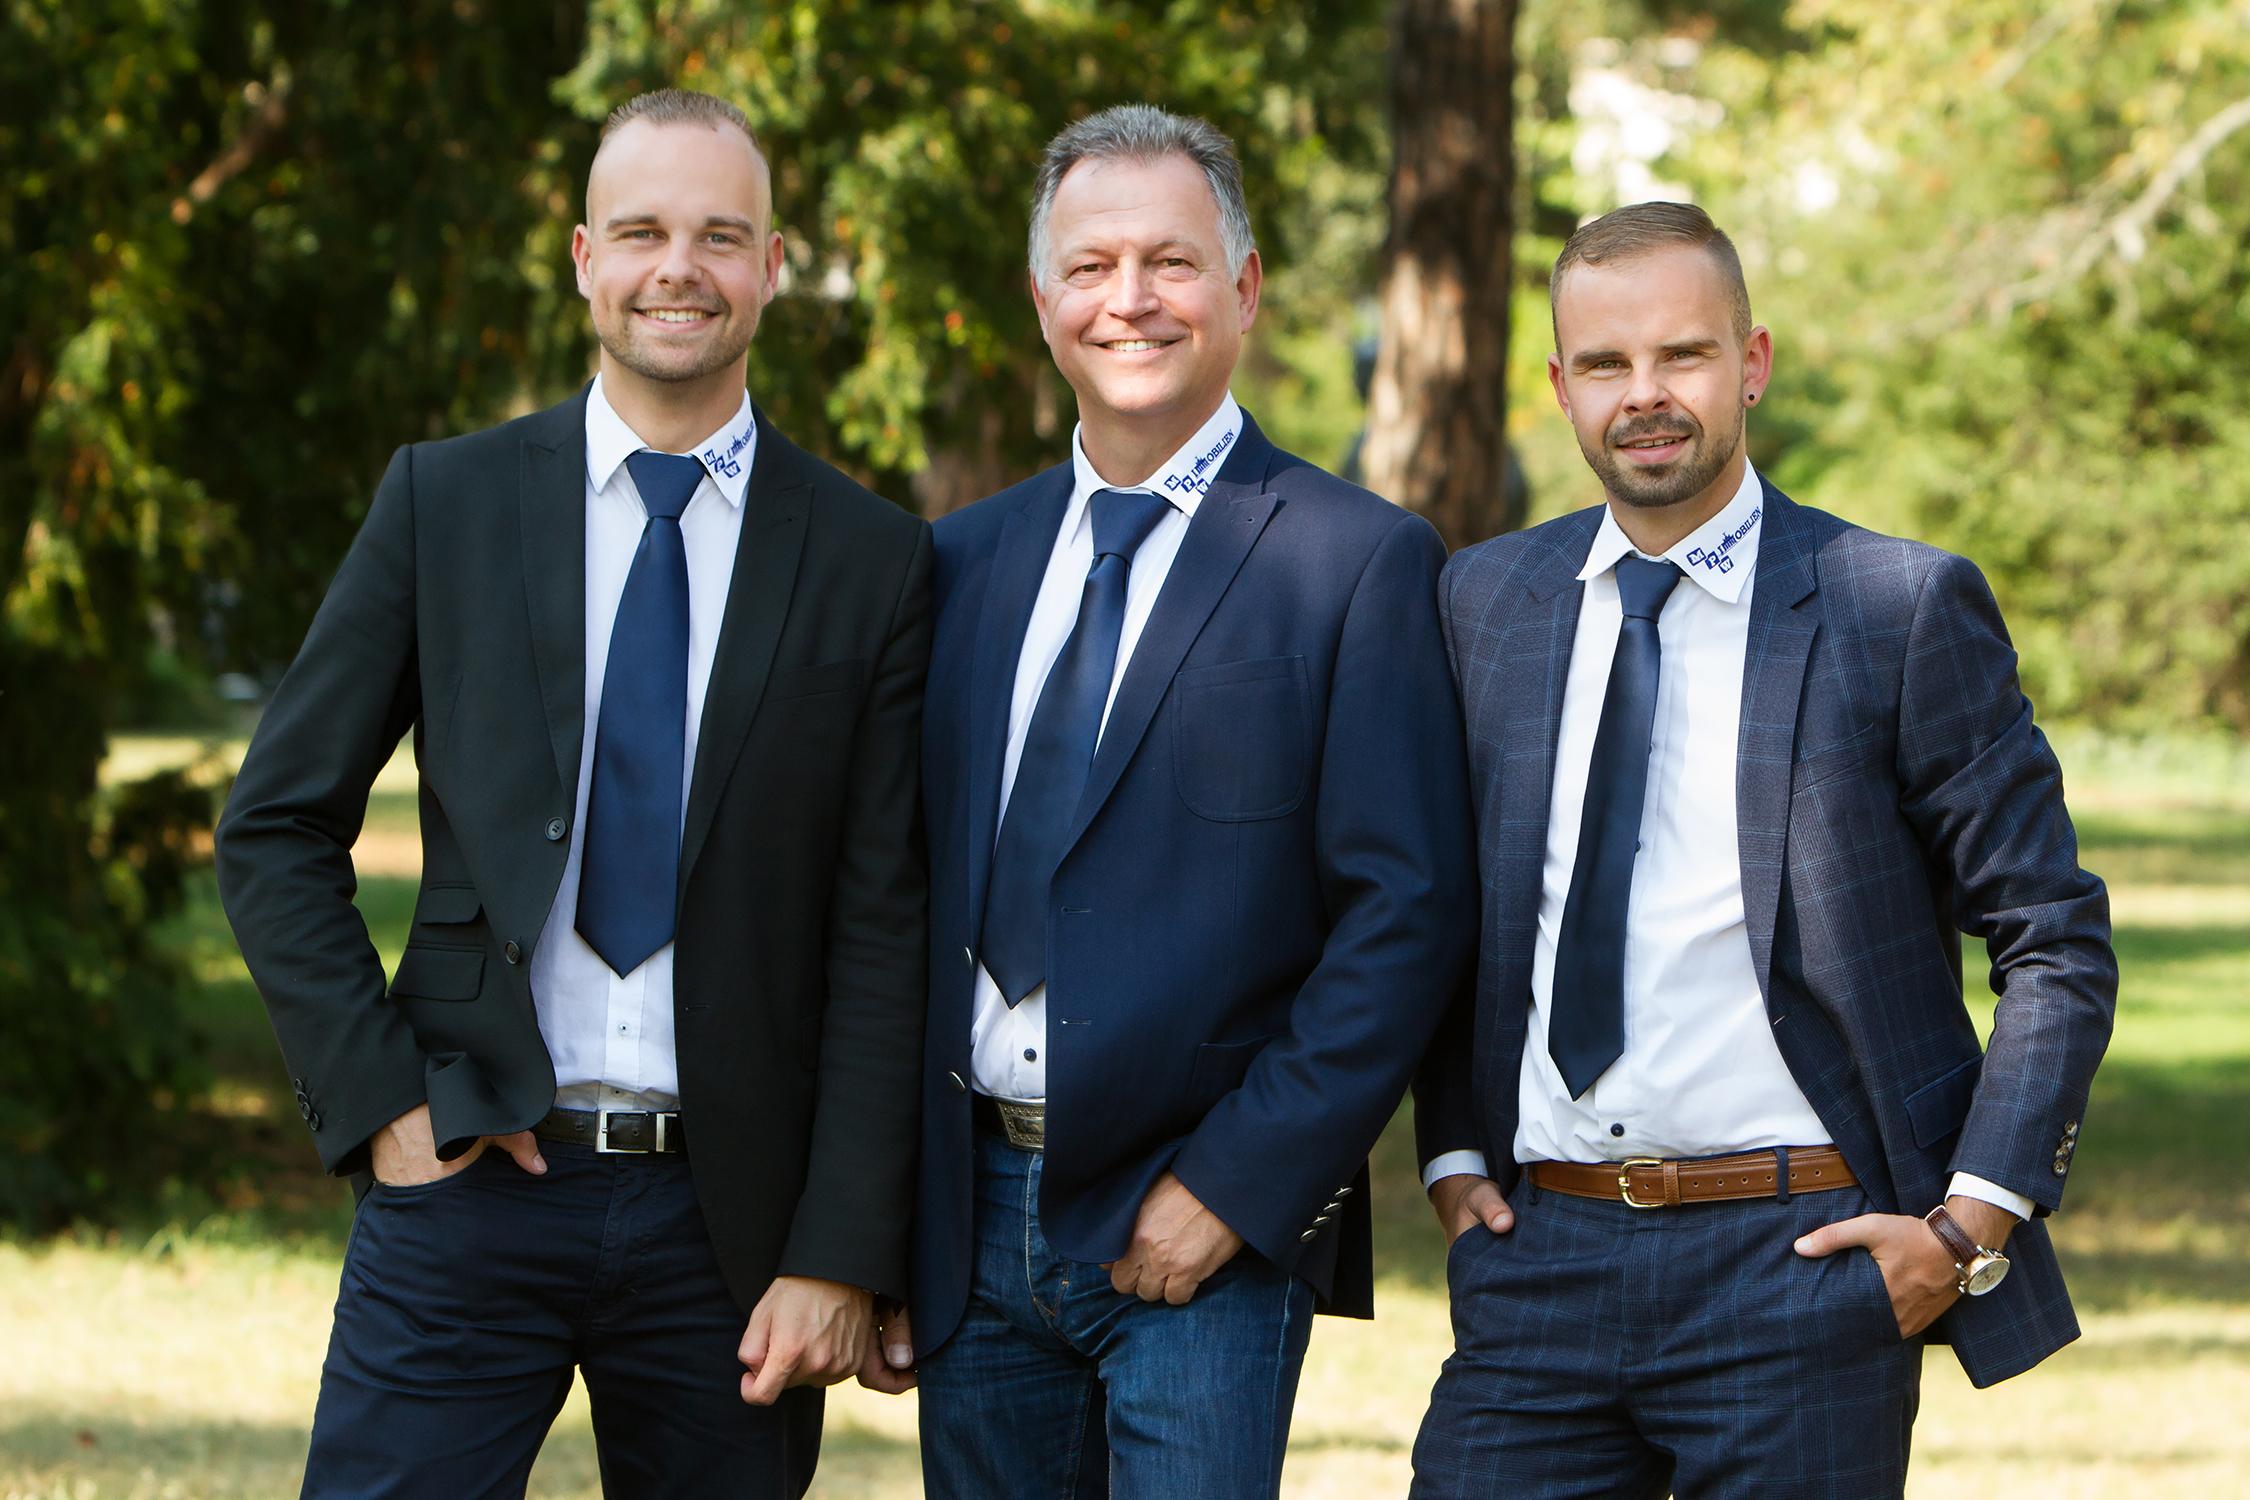 Die Makler Daniel Werner, Michael Werner, Christian Werner (von links nach rechts)